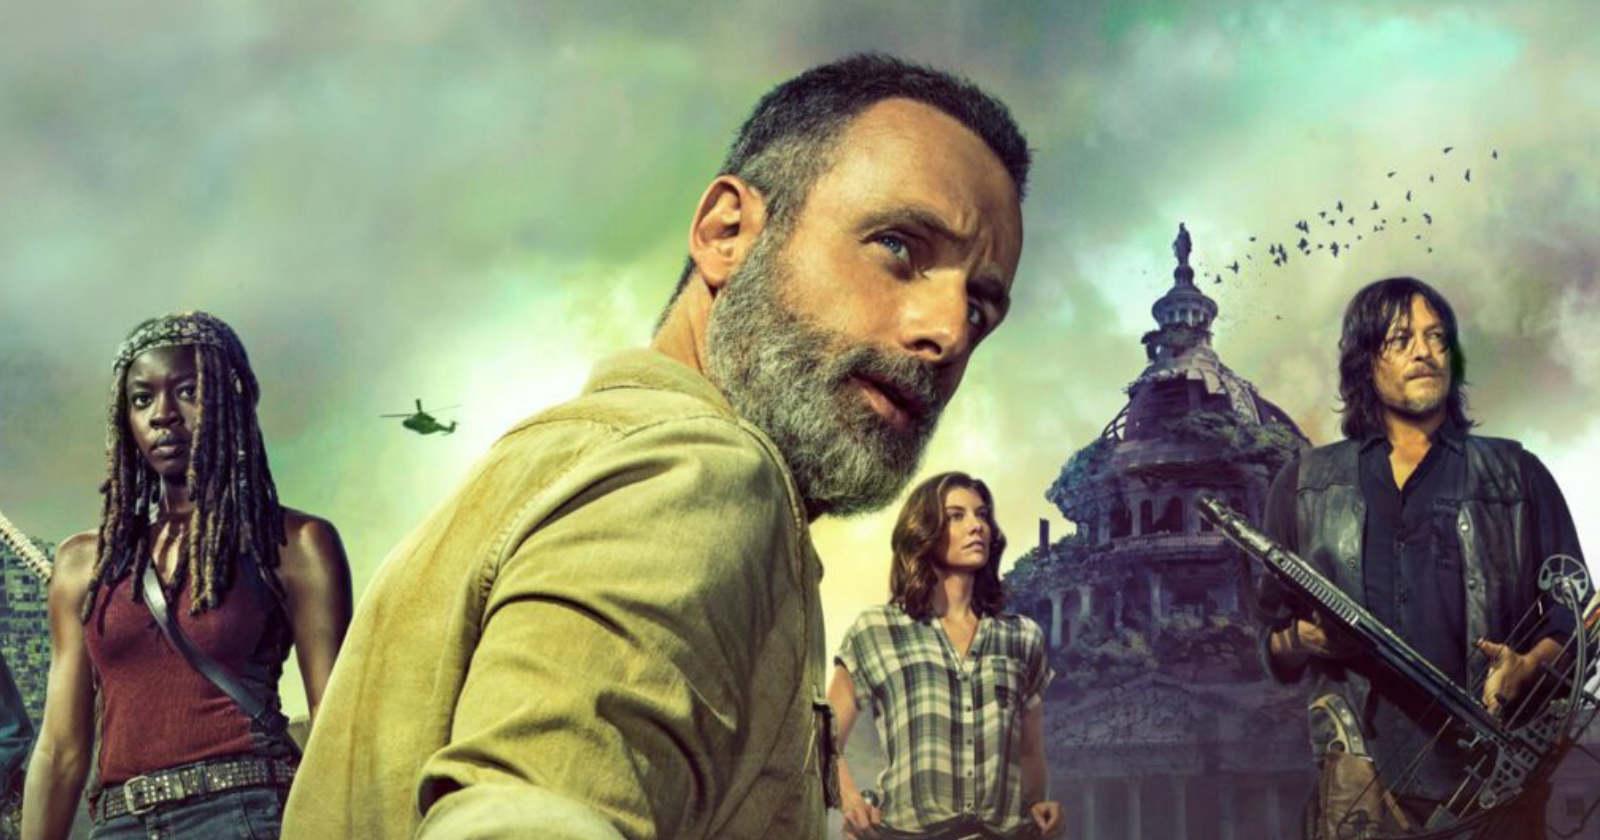 La última temporada de Rick Grimes en The Walking Dead finalmente llega a Netflix